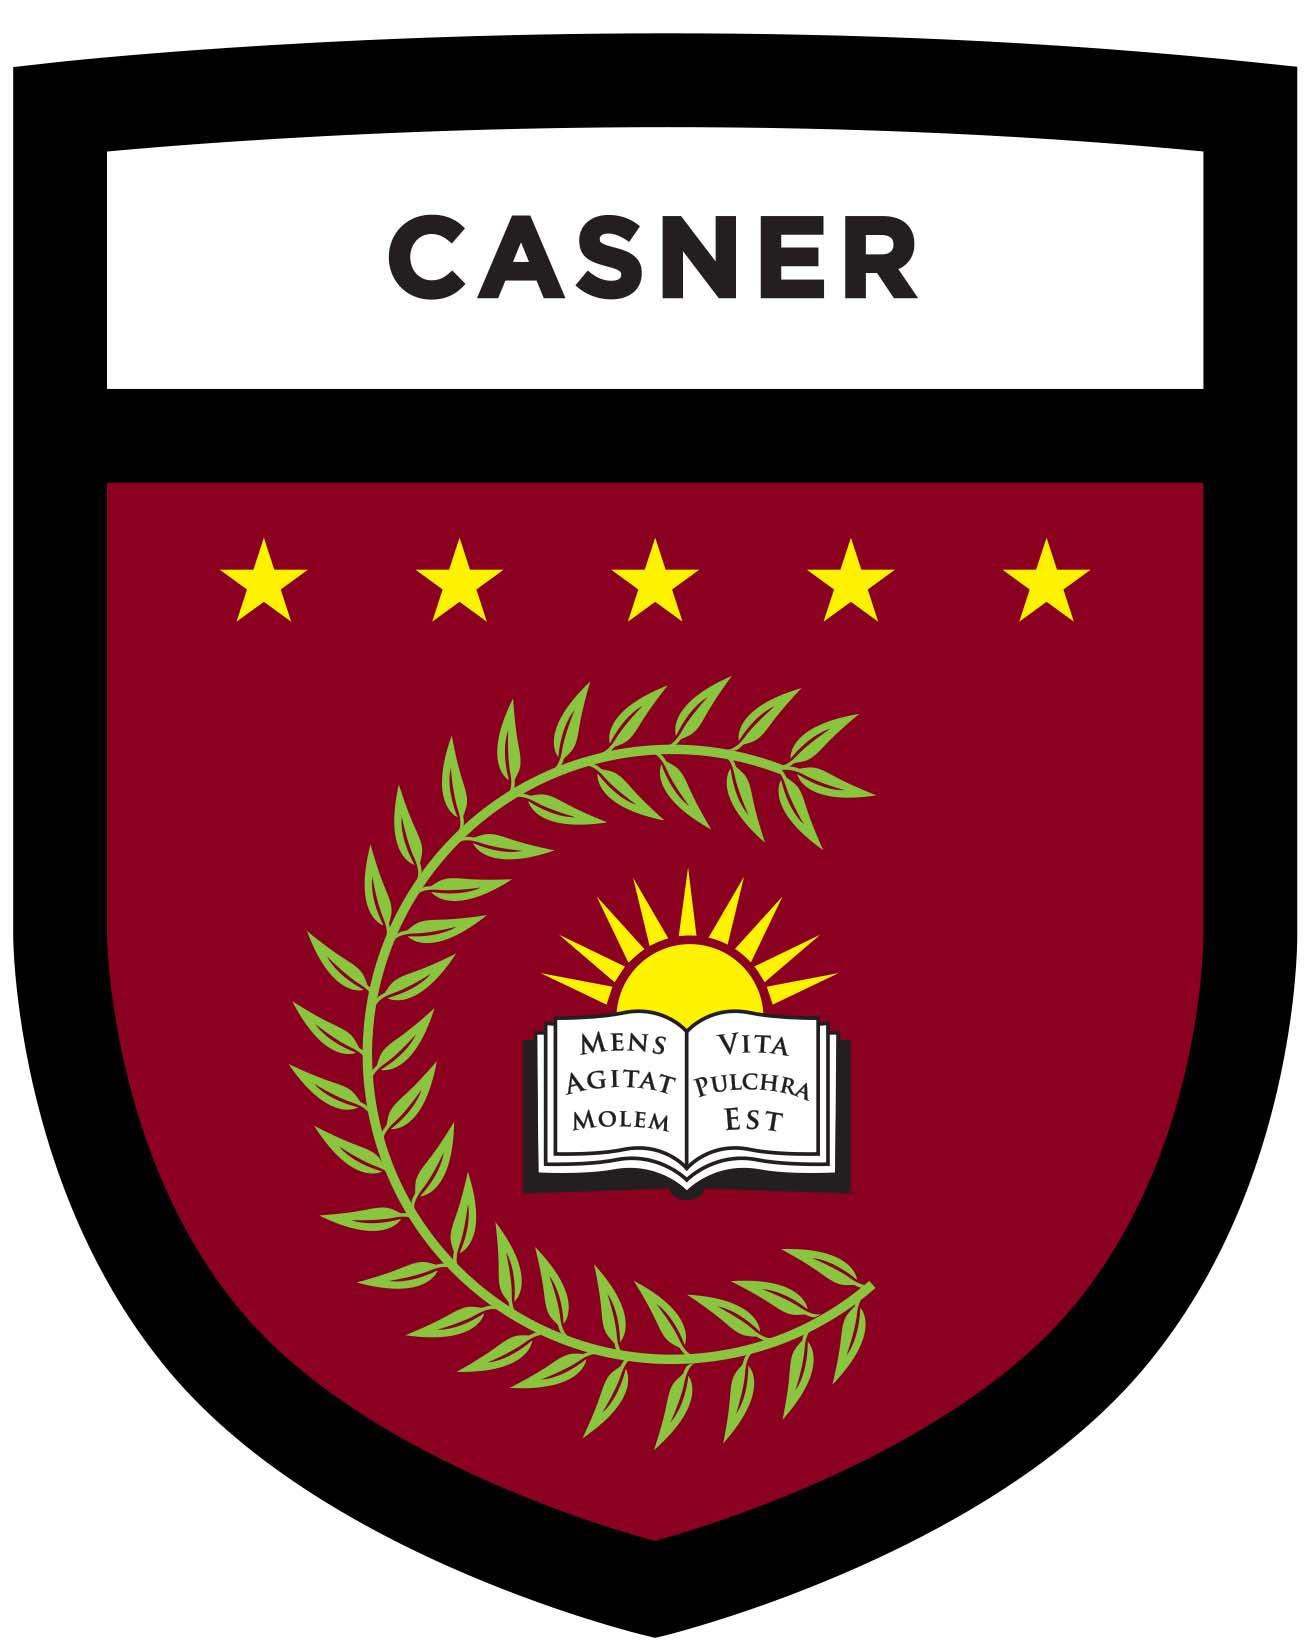 Casner Shield